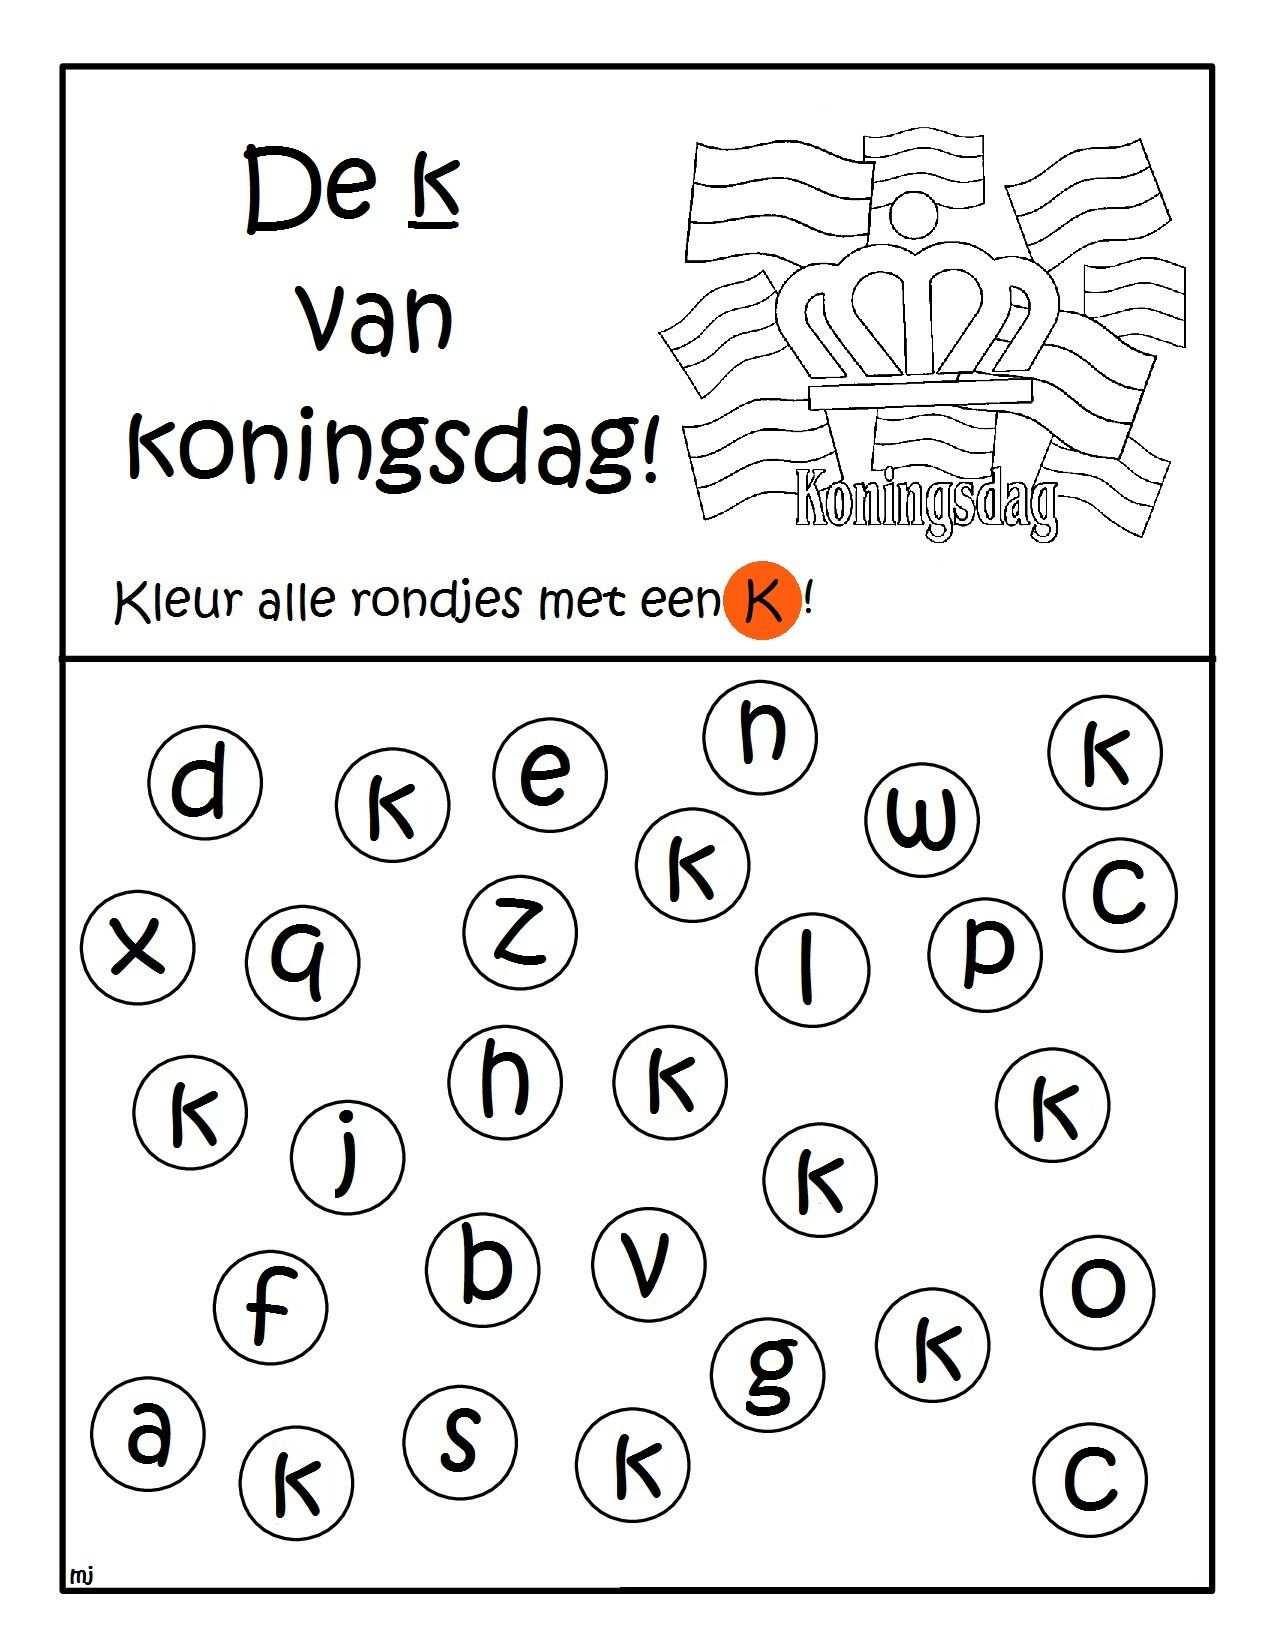 De K Van Koningsdag Brief Letterherkenning Geletterdheid